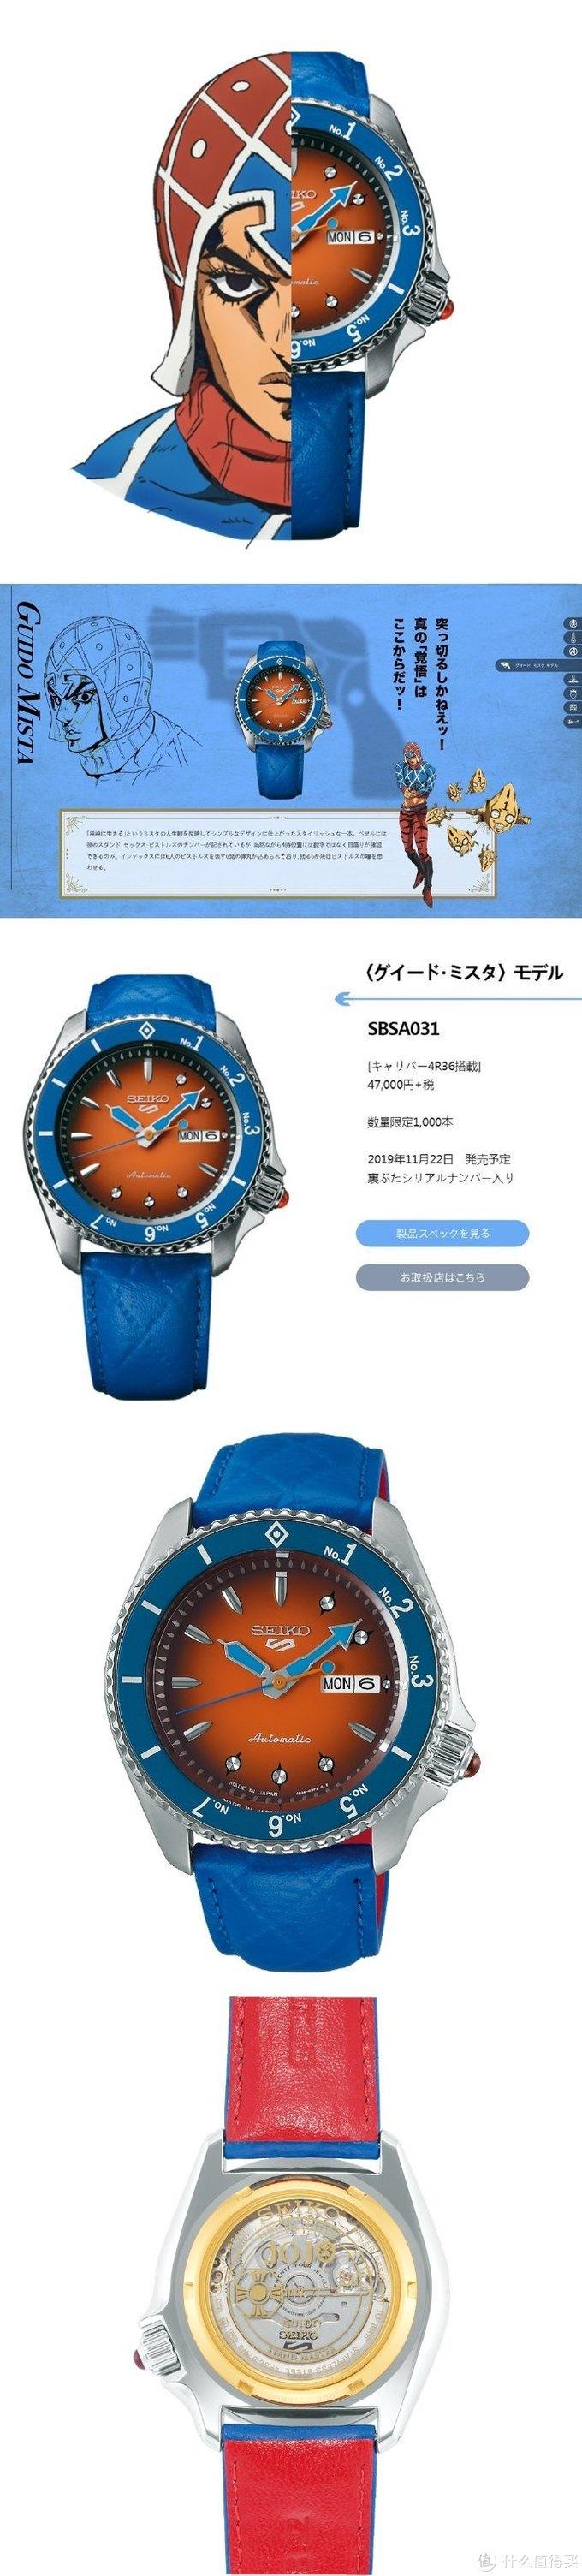 致爱二次元:精工推出《JOJO的奇妙冒险 黄金之风》主题手表!